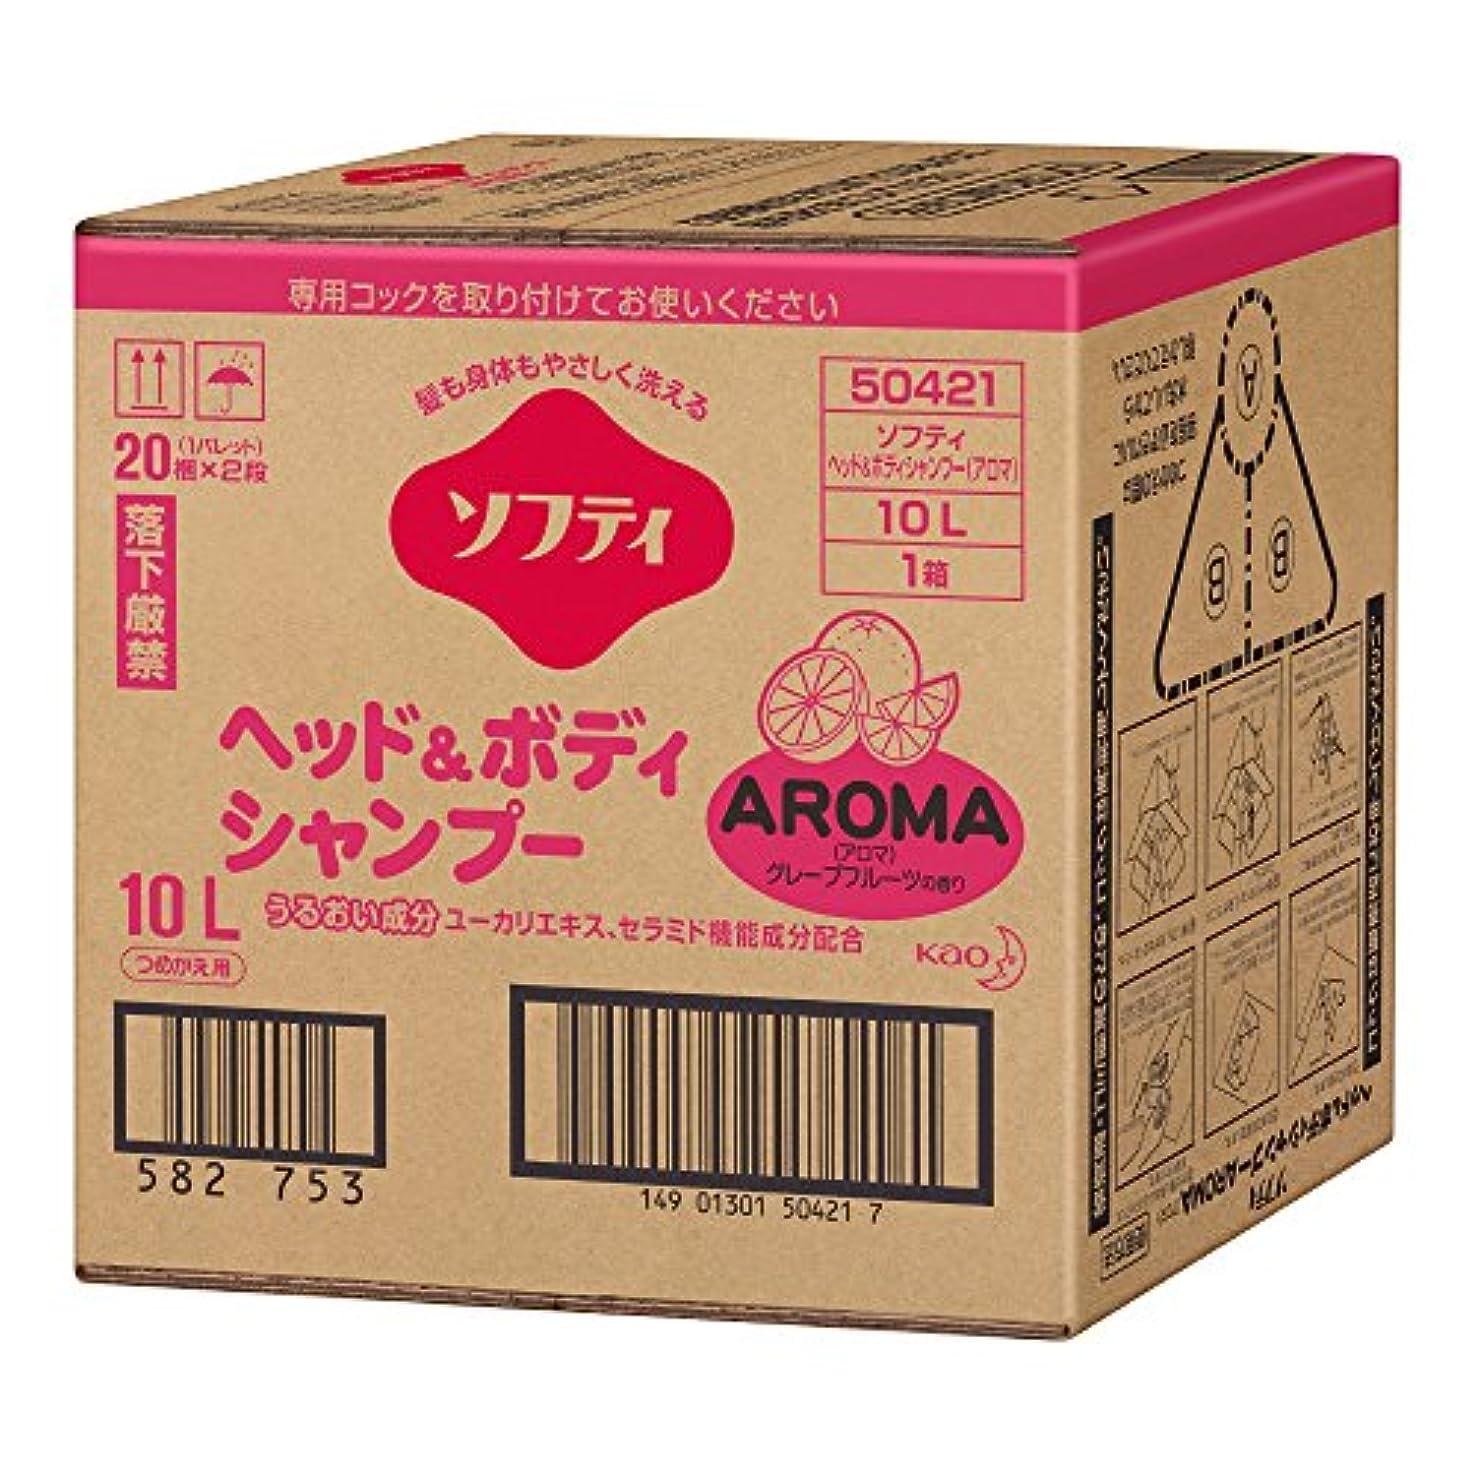 意志癌密接にソフティ ヘッド&ボディシャンプーAROMA(アロマ) 10L バッグインボックスタイプ (花王プロフェッショナルシリーズ)